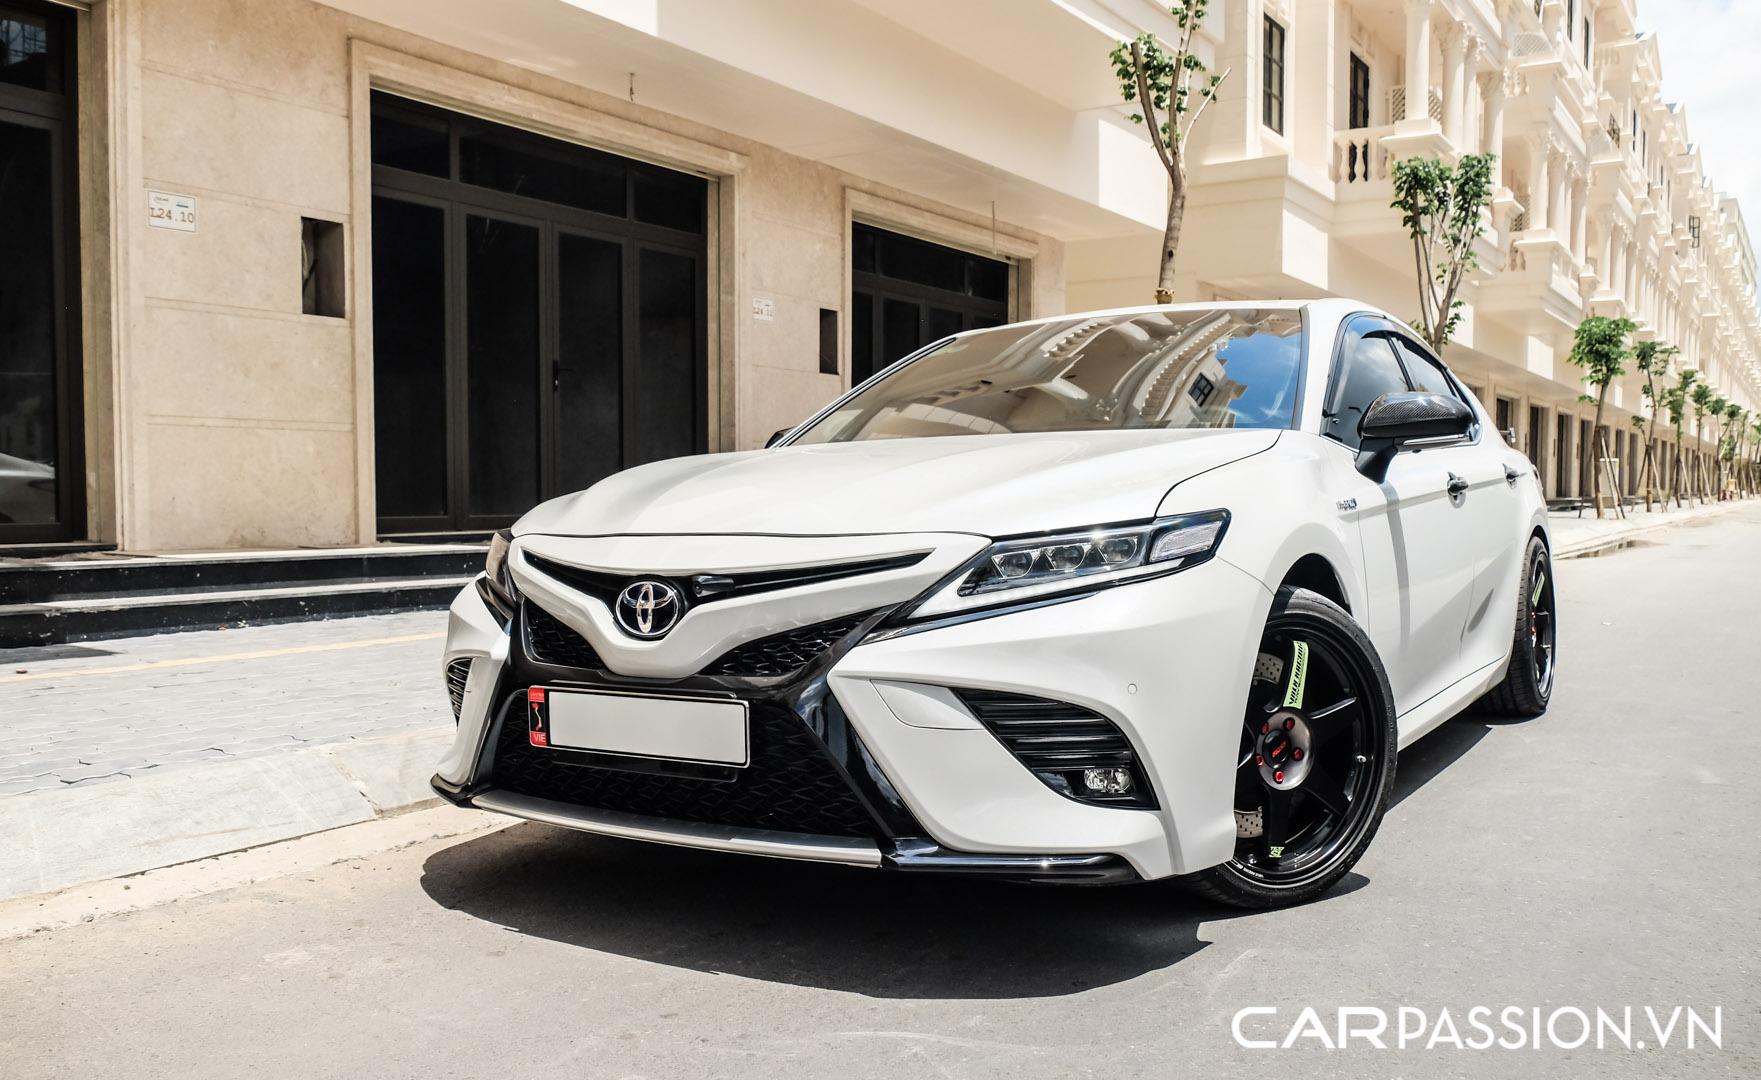 CP-Toyota Camry độ (58).jpg